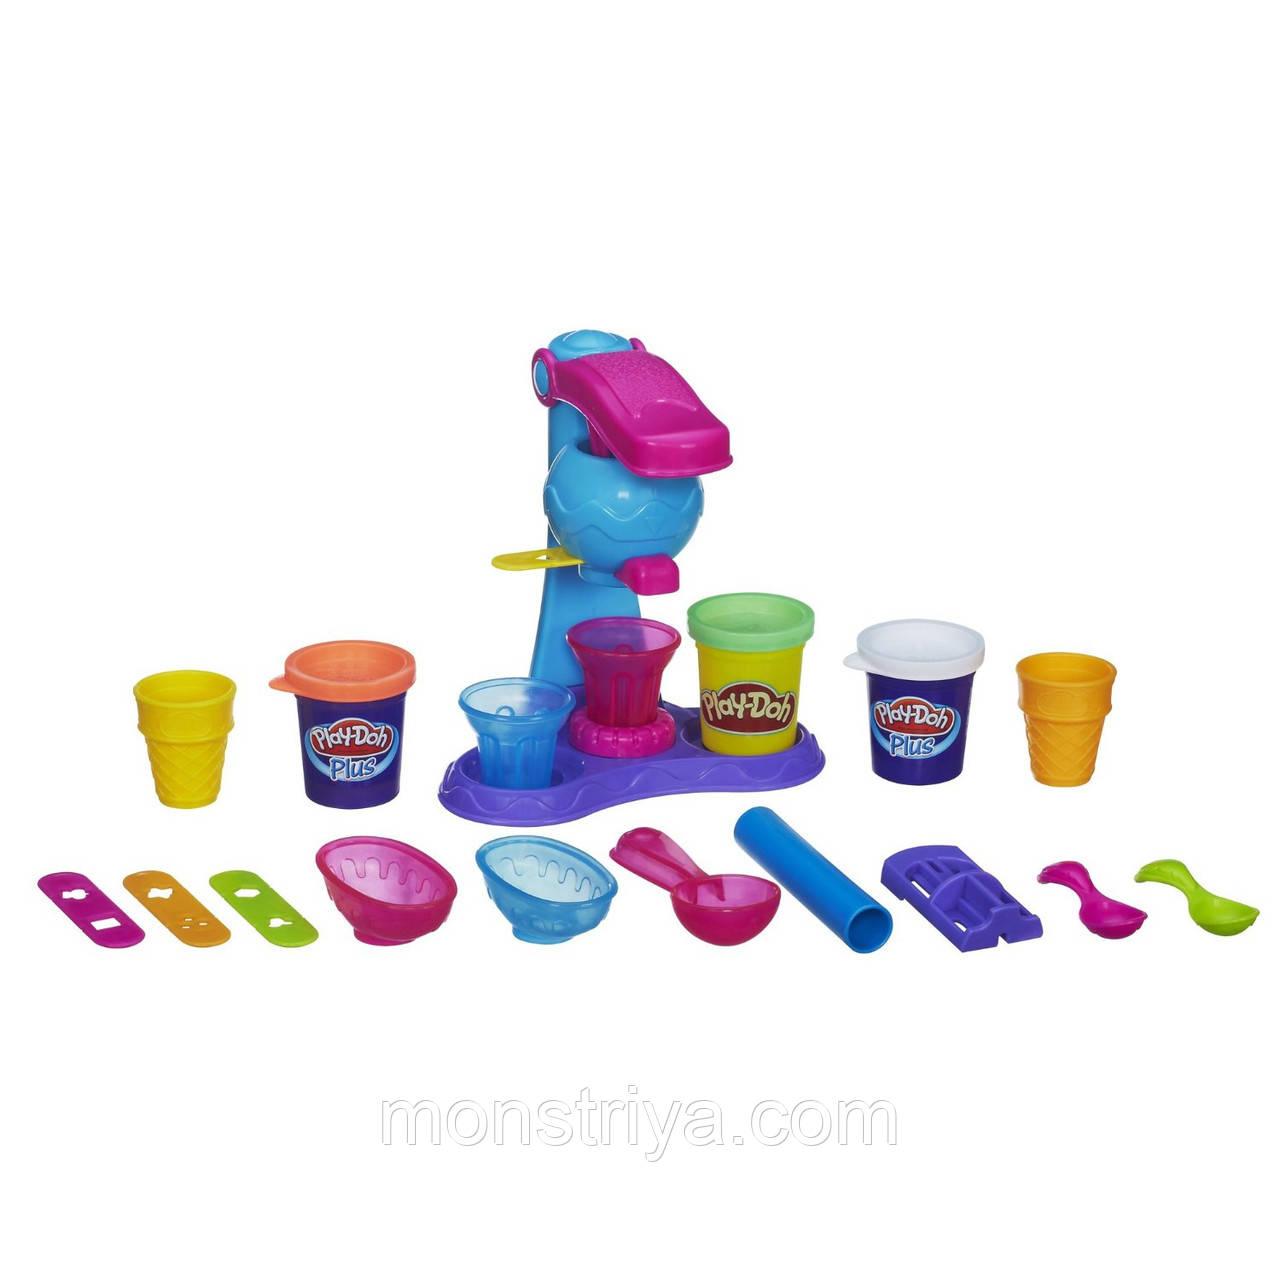 Игровой набор Play-Doh Плей до